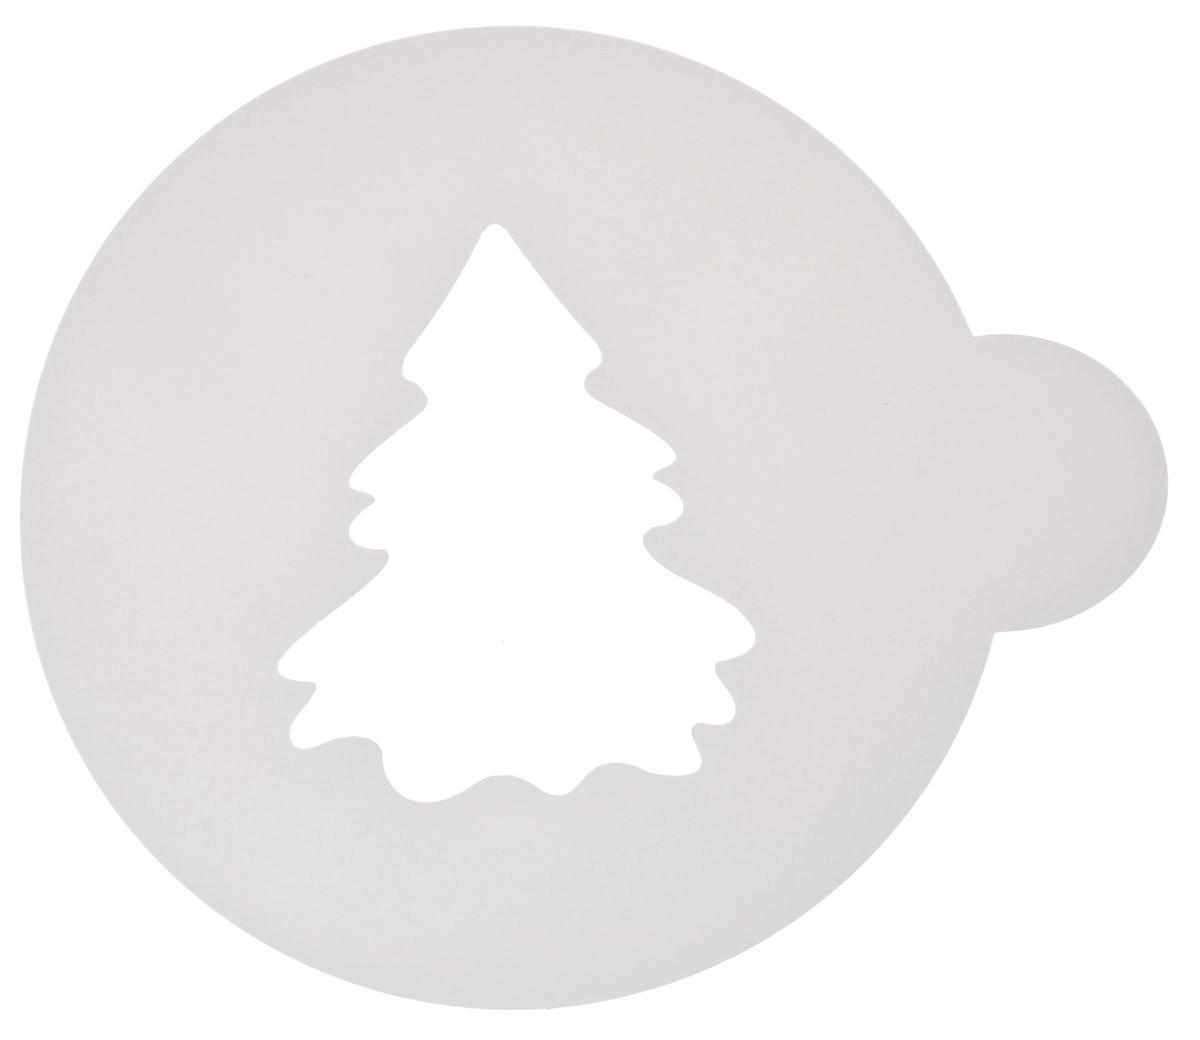 Трафарет на кофе и десерты Леденцовая фабрика Елочка, цвет: белый, диаметр 10 смТ06Трафарет Леденцовая фабрика Елочкапредставляет собой пластину с прорезями, черезкоторые пищевая краска (сахарная пудра, какао,шоколад, сливки, корица, дробленый орех)наносится на поверхность кофе, молочныхкоктейлей, десертов. Изделие изготовлено изматового пищевого пластика 250 мкм и пригоднодля контакта с пищевыми продуктами. Трафаретмногоразовый. Побалуйте себя и ваших близких красивооформленным кофе. Диаметр трафарета: 10 см.